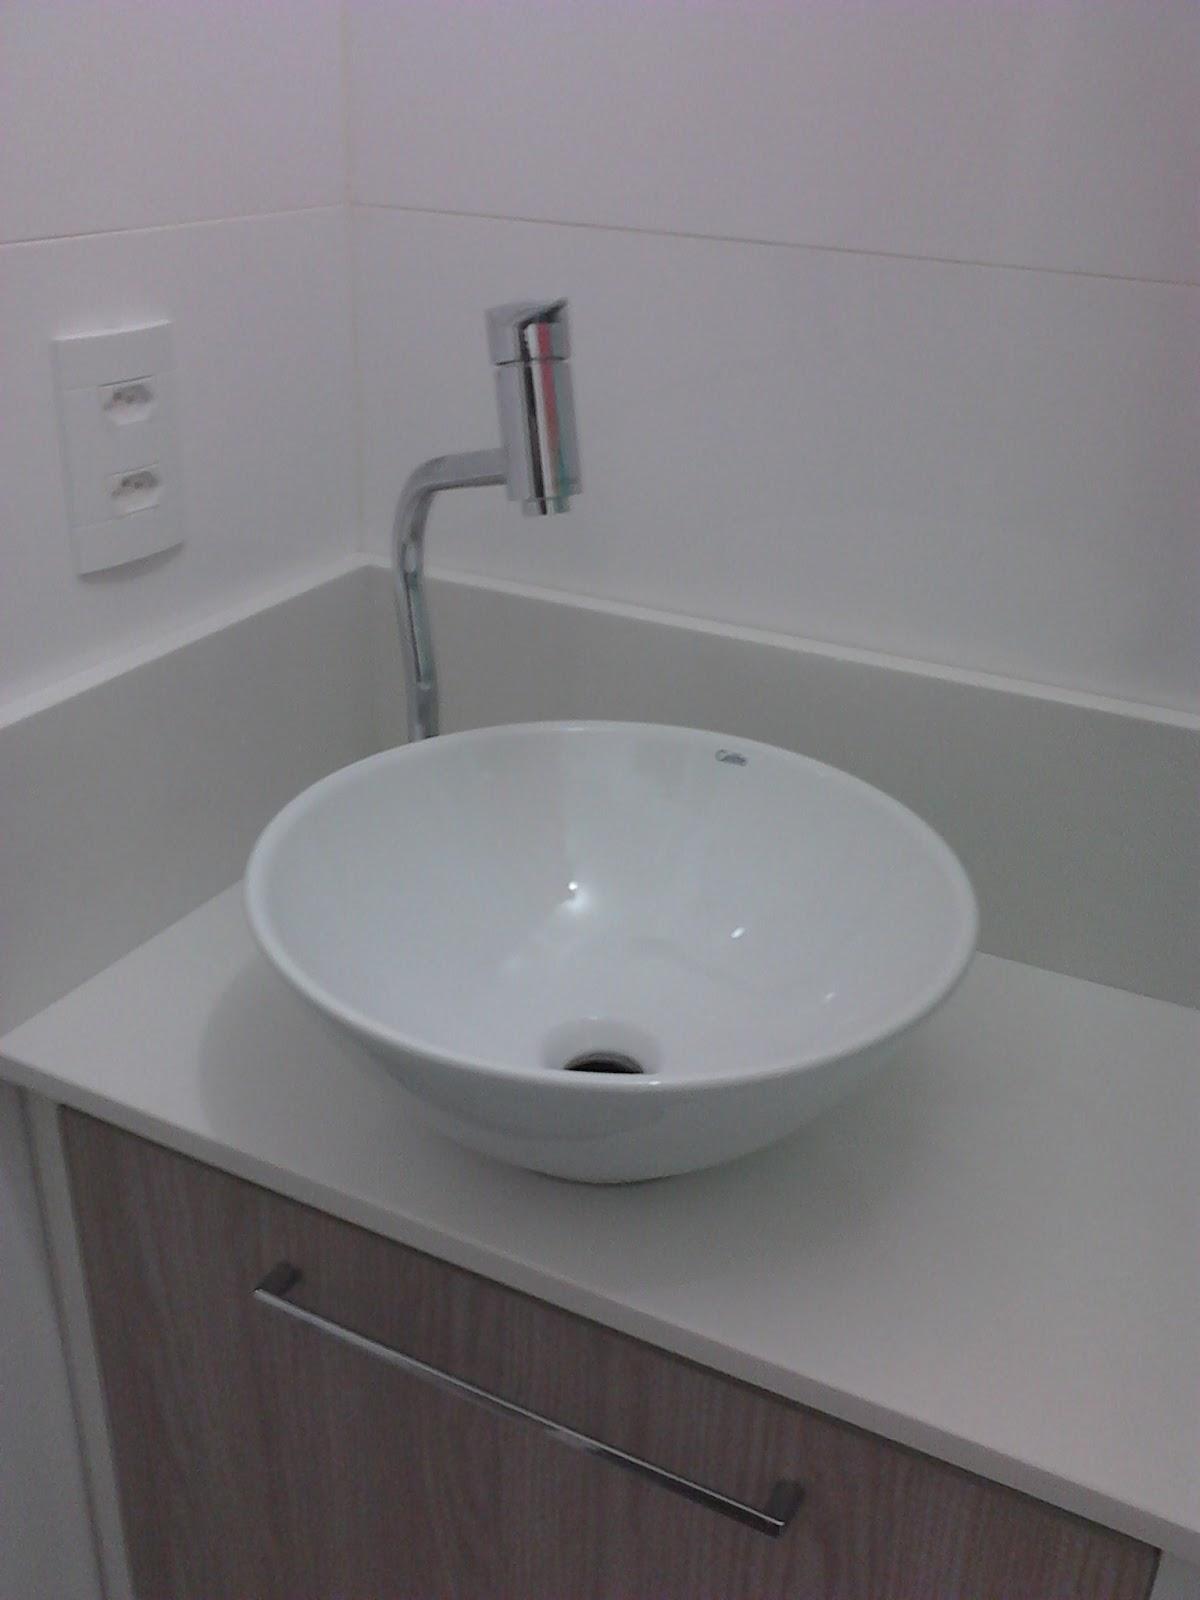 Casei, quero casa Novidades do banheiro -> Pia Banheiro Altura Padrao